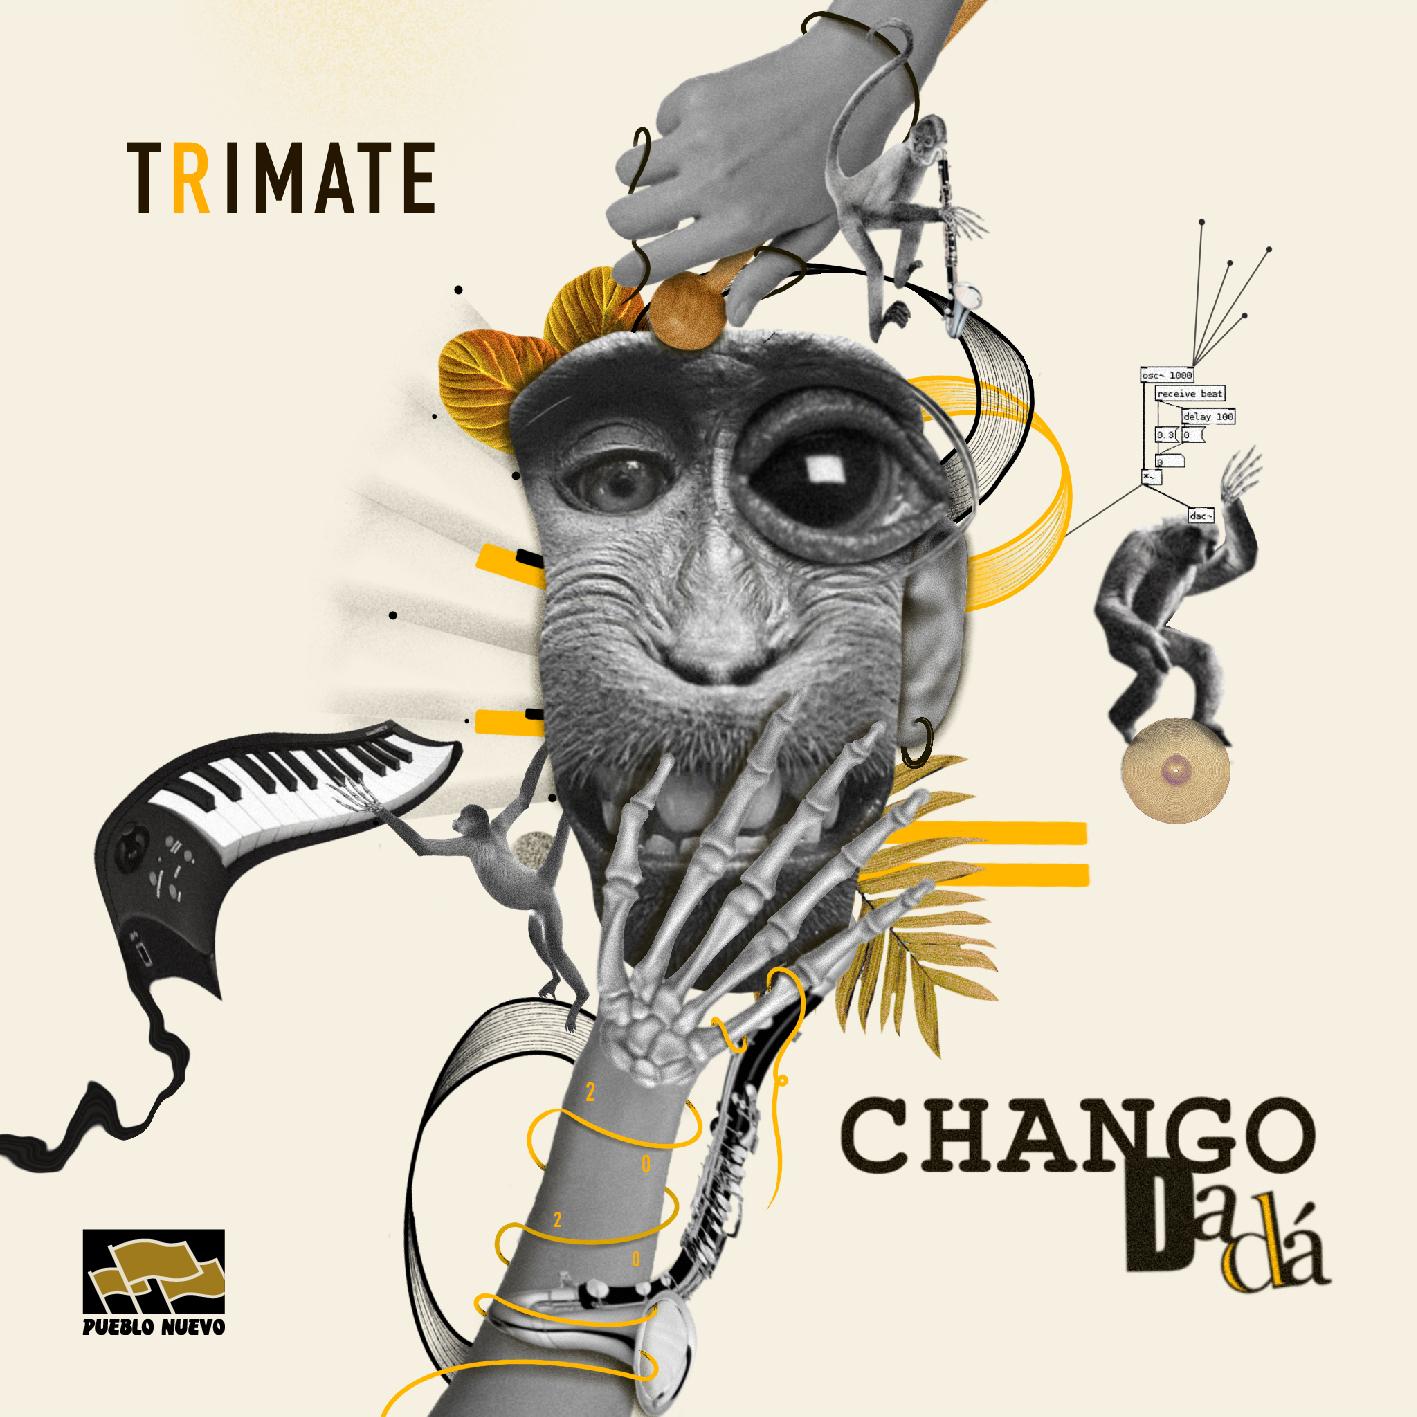 Chango Dada – Trimate